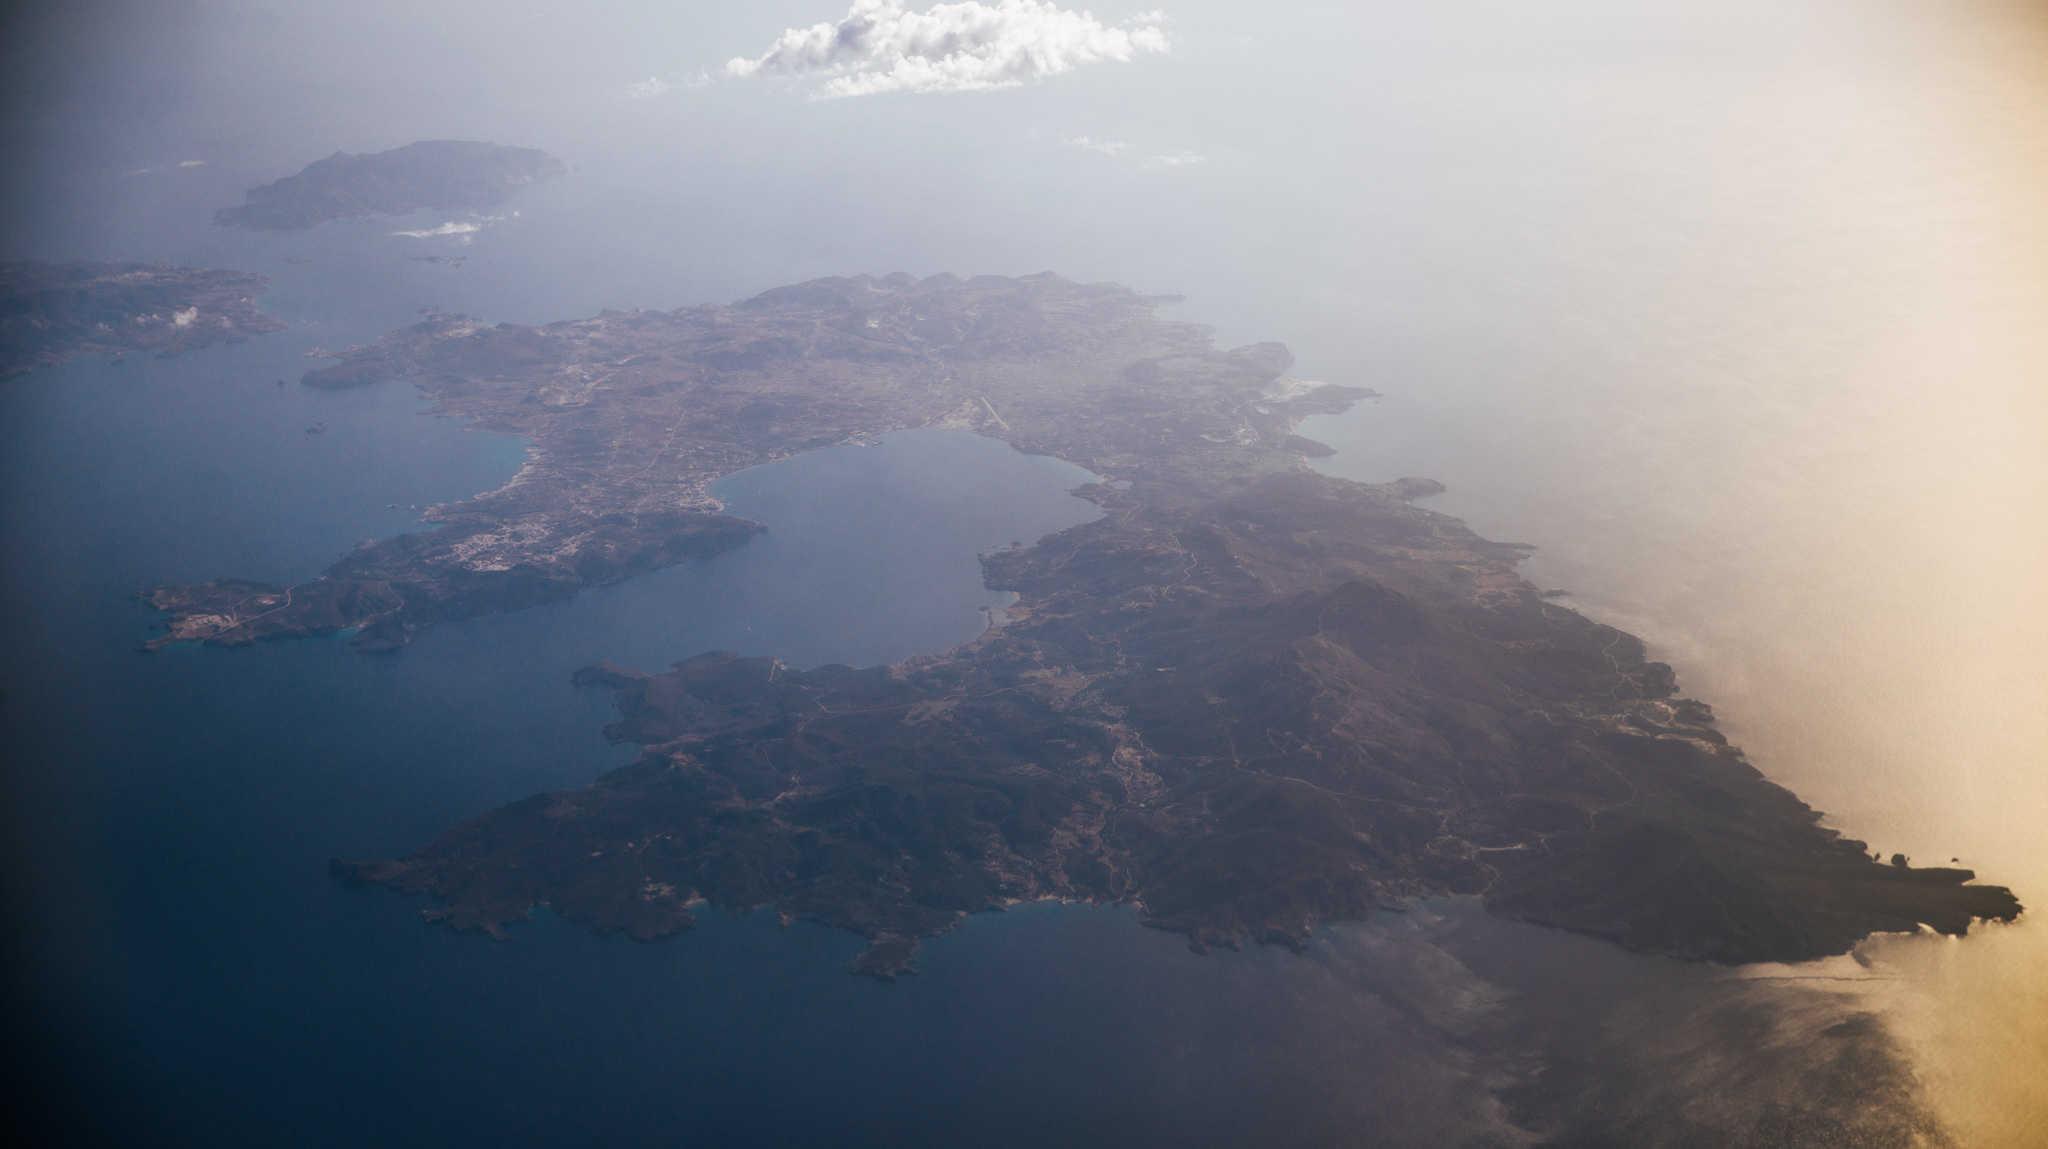 Wyspa Milos z lotu ptaka - Milos Island bird's-eye view